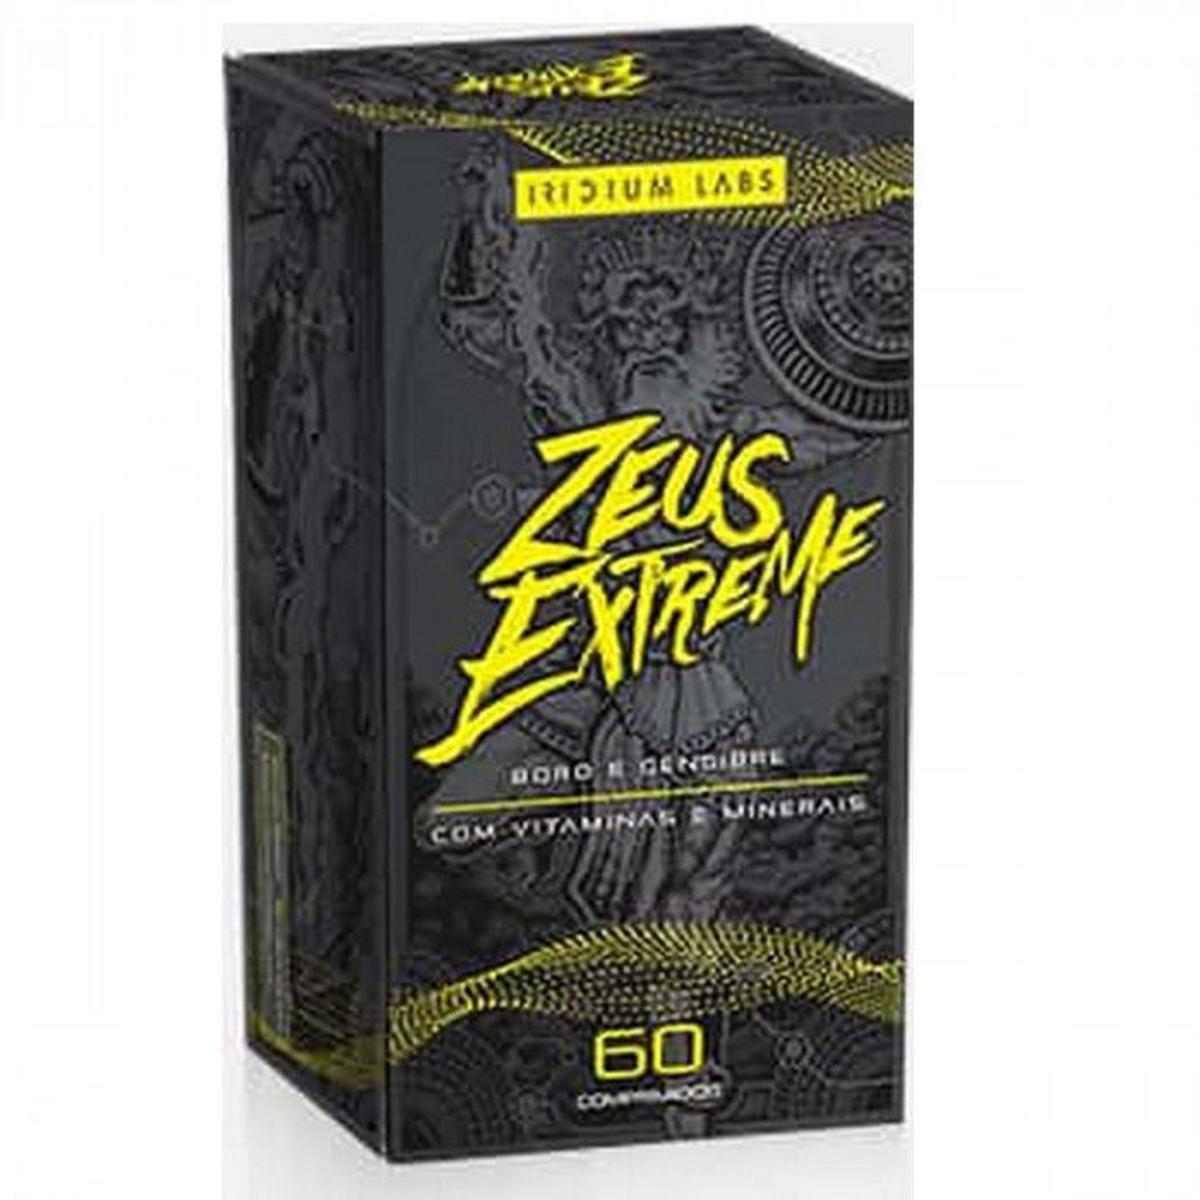 ZMA Zeus Extreme Iridium Labs 60 Tabs